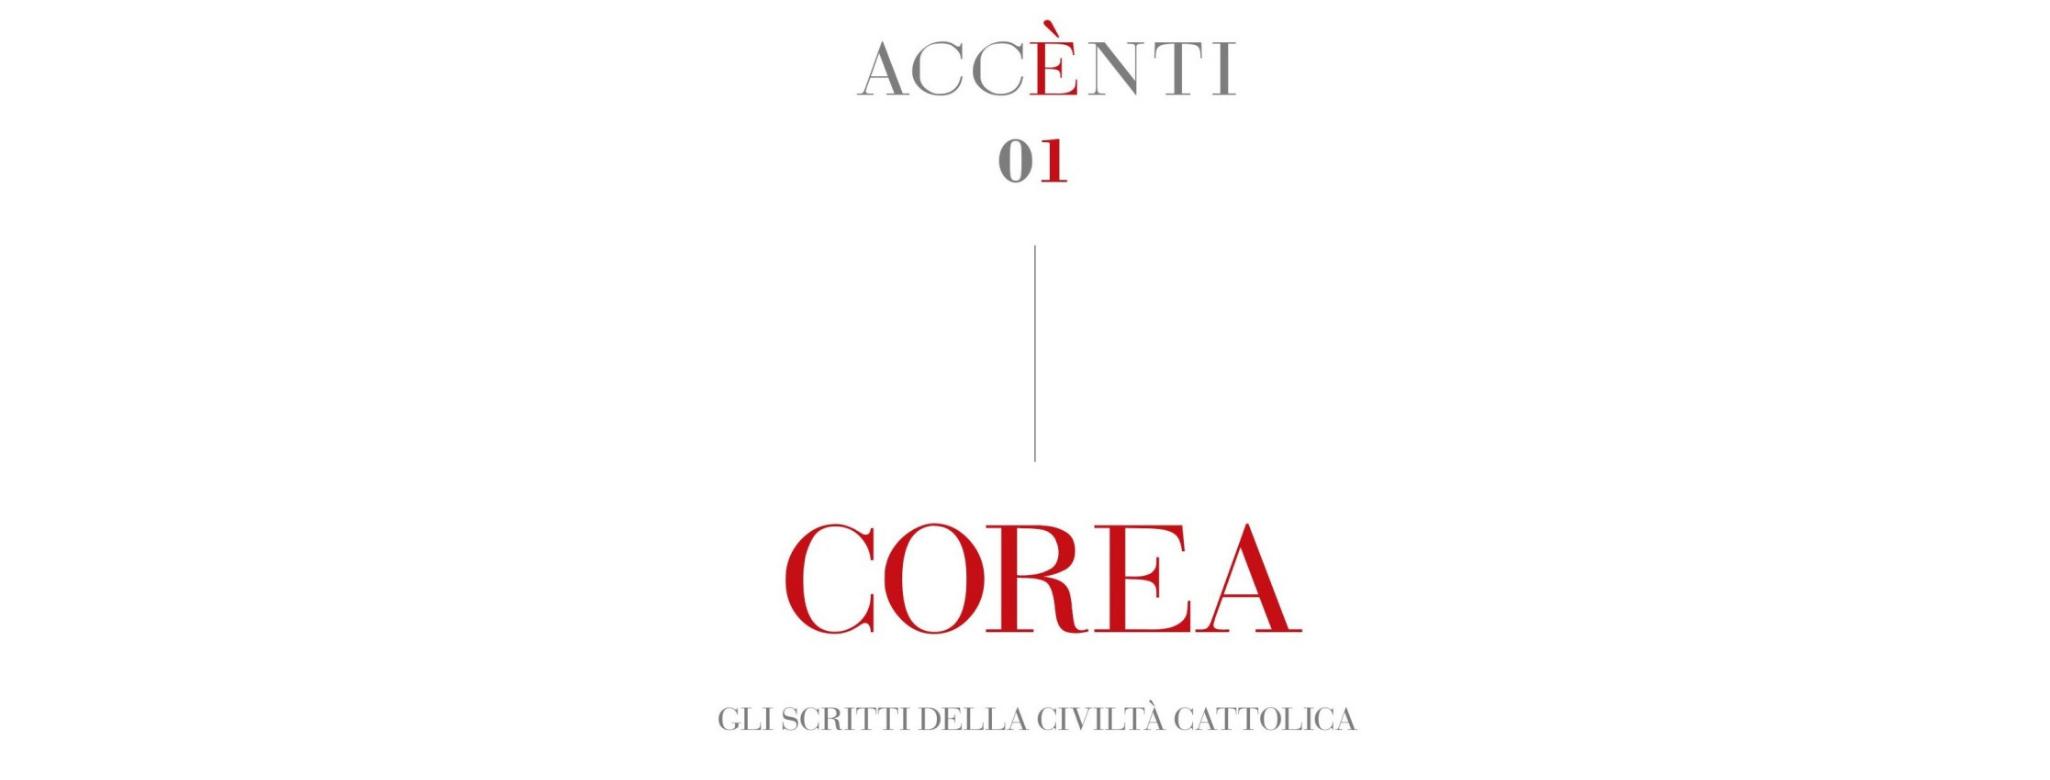 «La Civilta' Cattolica» будет сопровождаться приложением: первое посвящено Корее